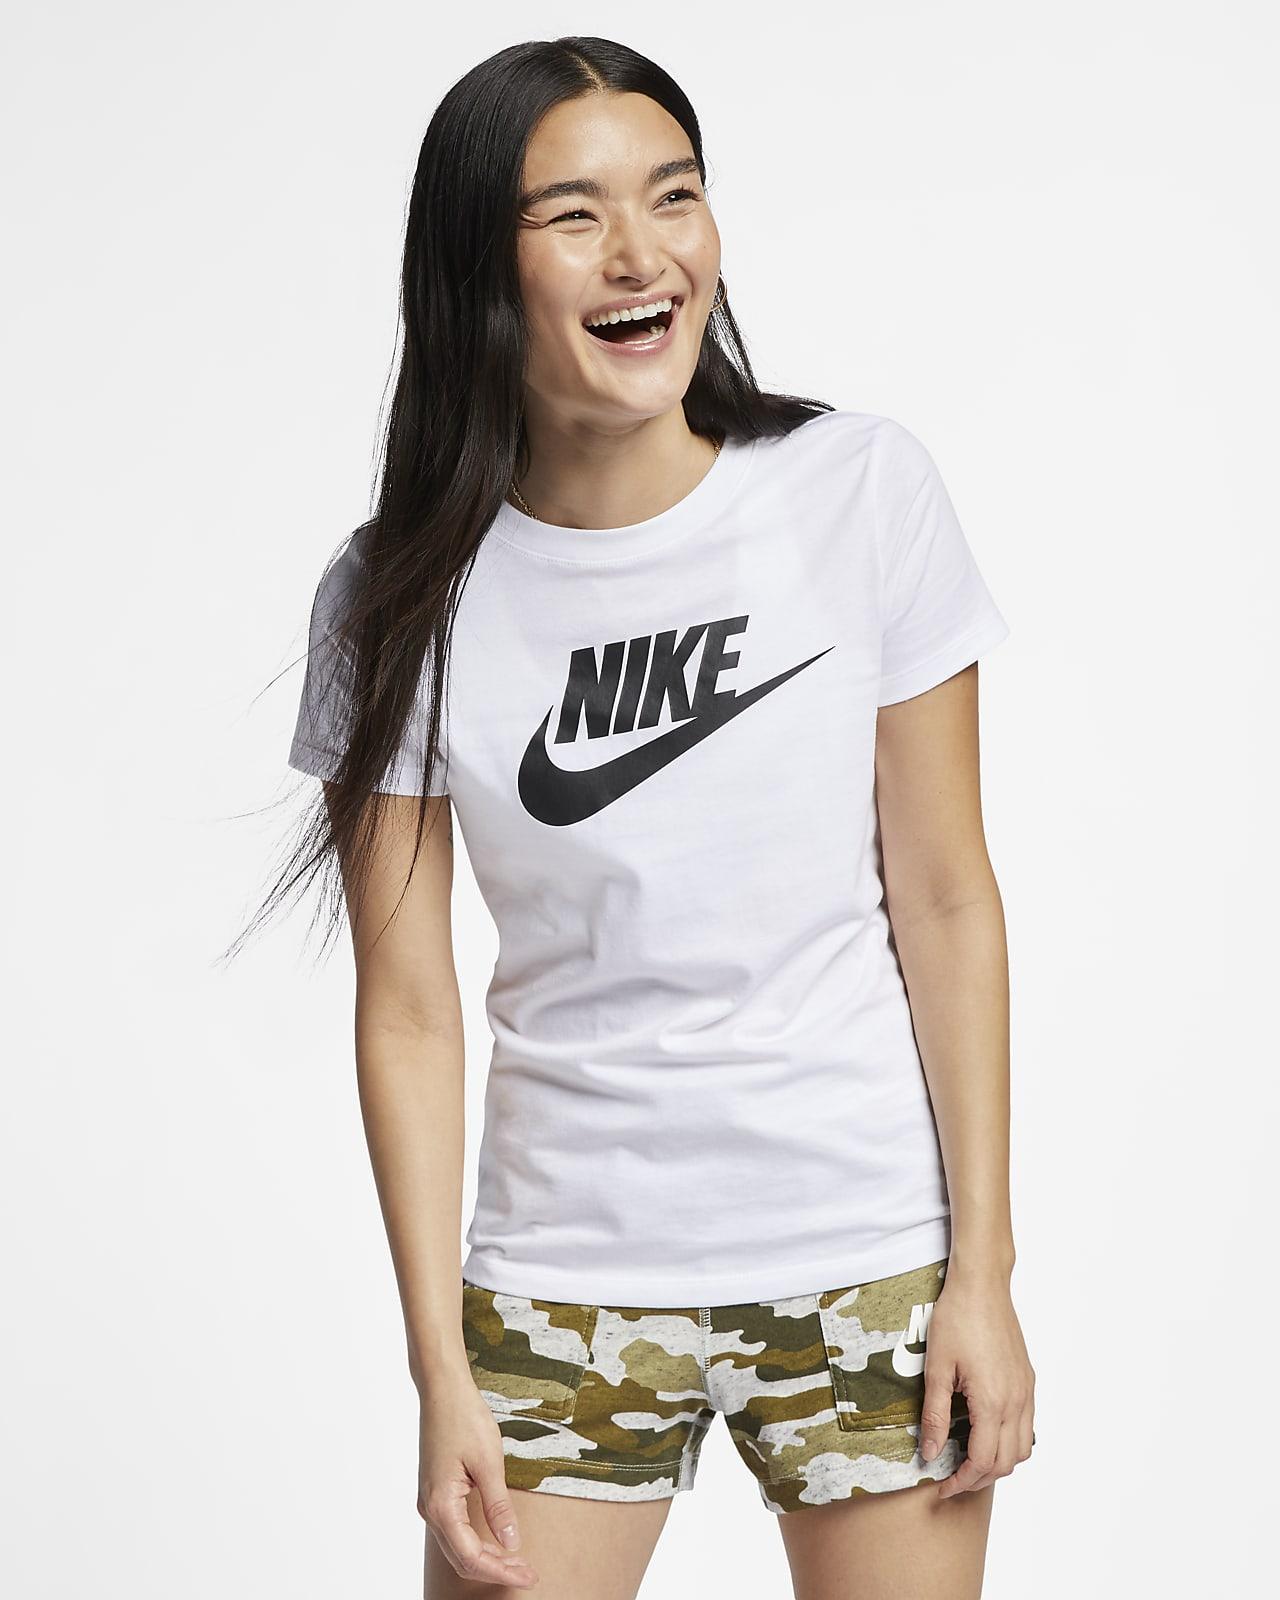 ナイキ スポーツウェア エッセンシャル ウィメンズ Tシャツ